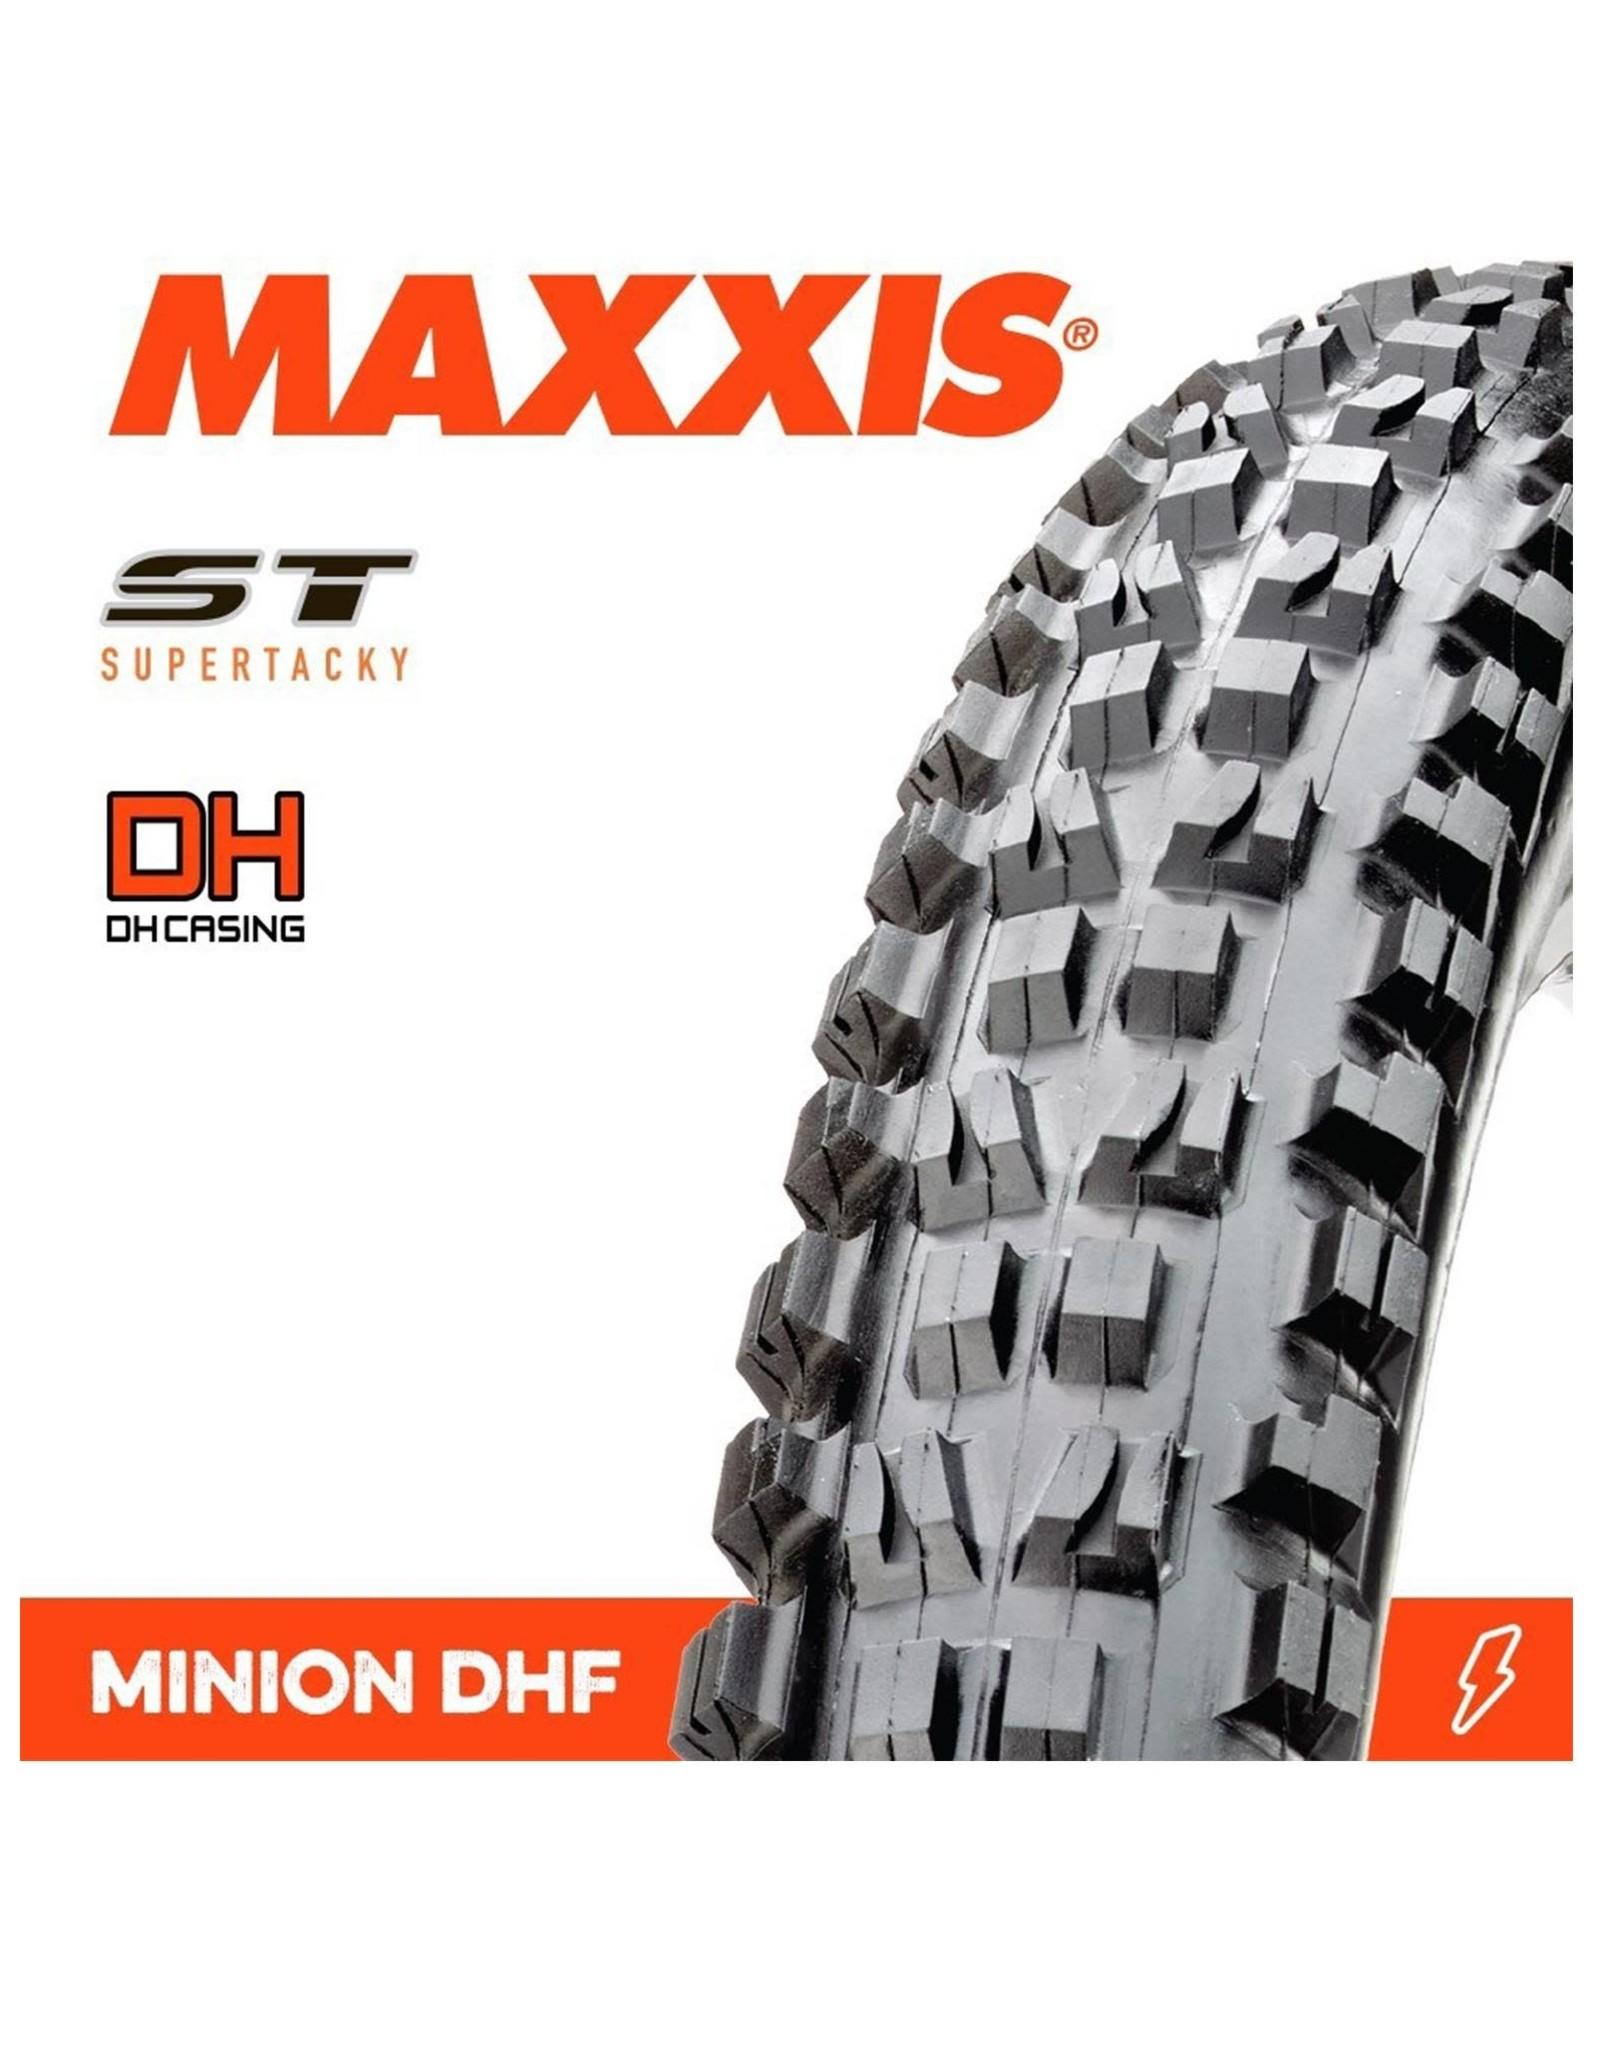 Maxxis Minion DHR II 27.5 X 2.4 ST DHC Tyre